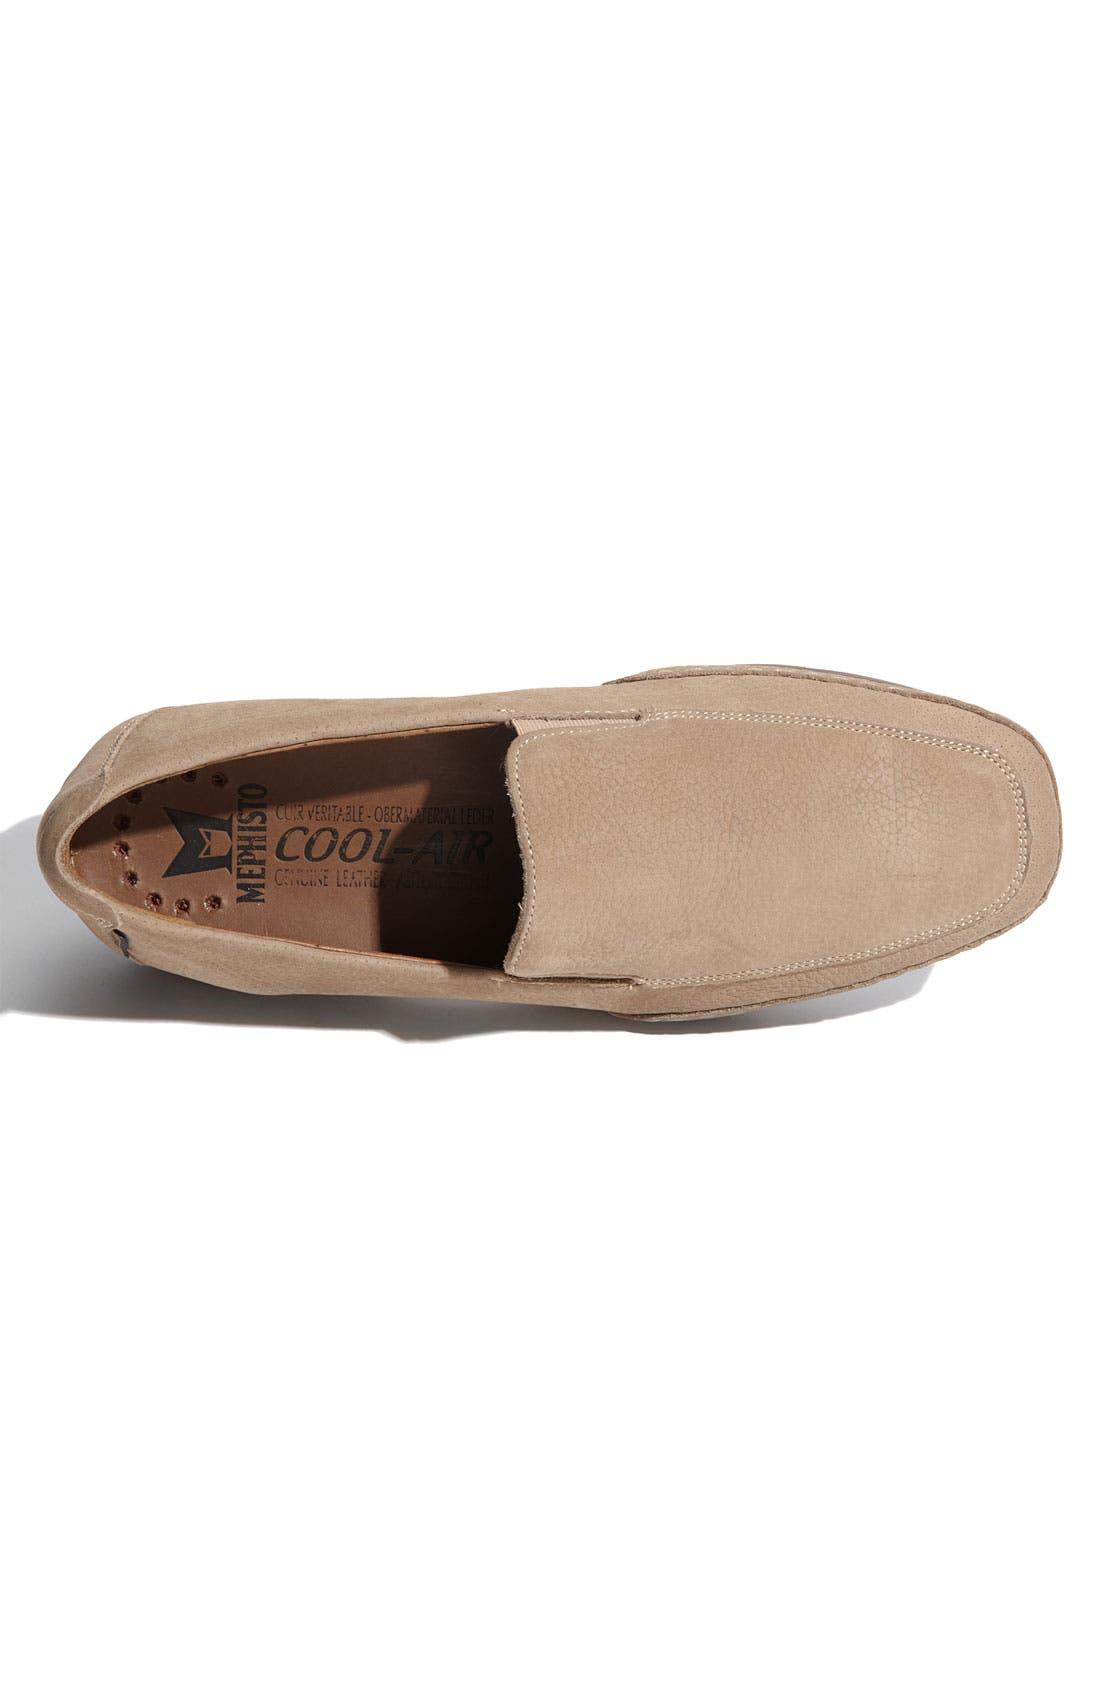 Alternate Image 2  - Mephisto 'Edlef' Perforated Shoe